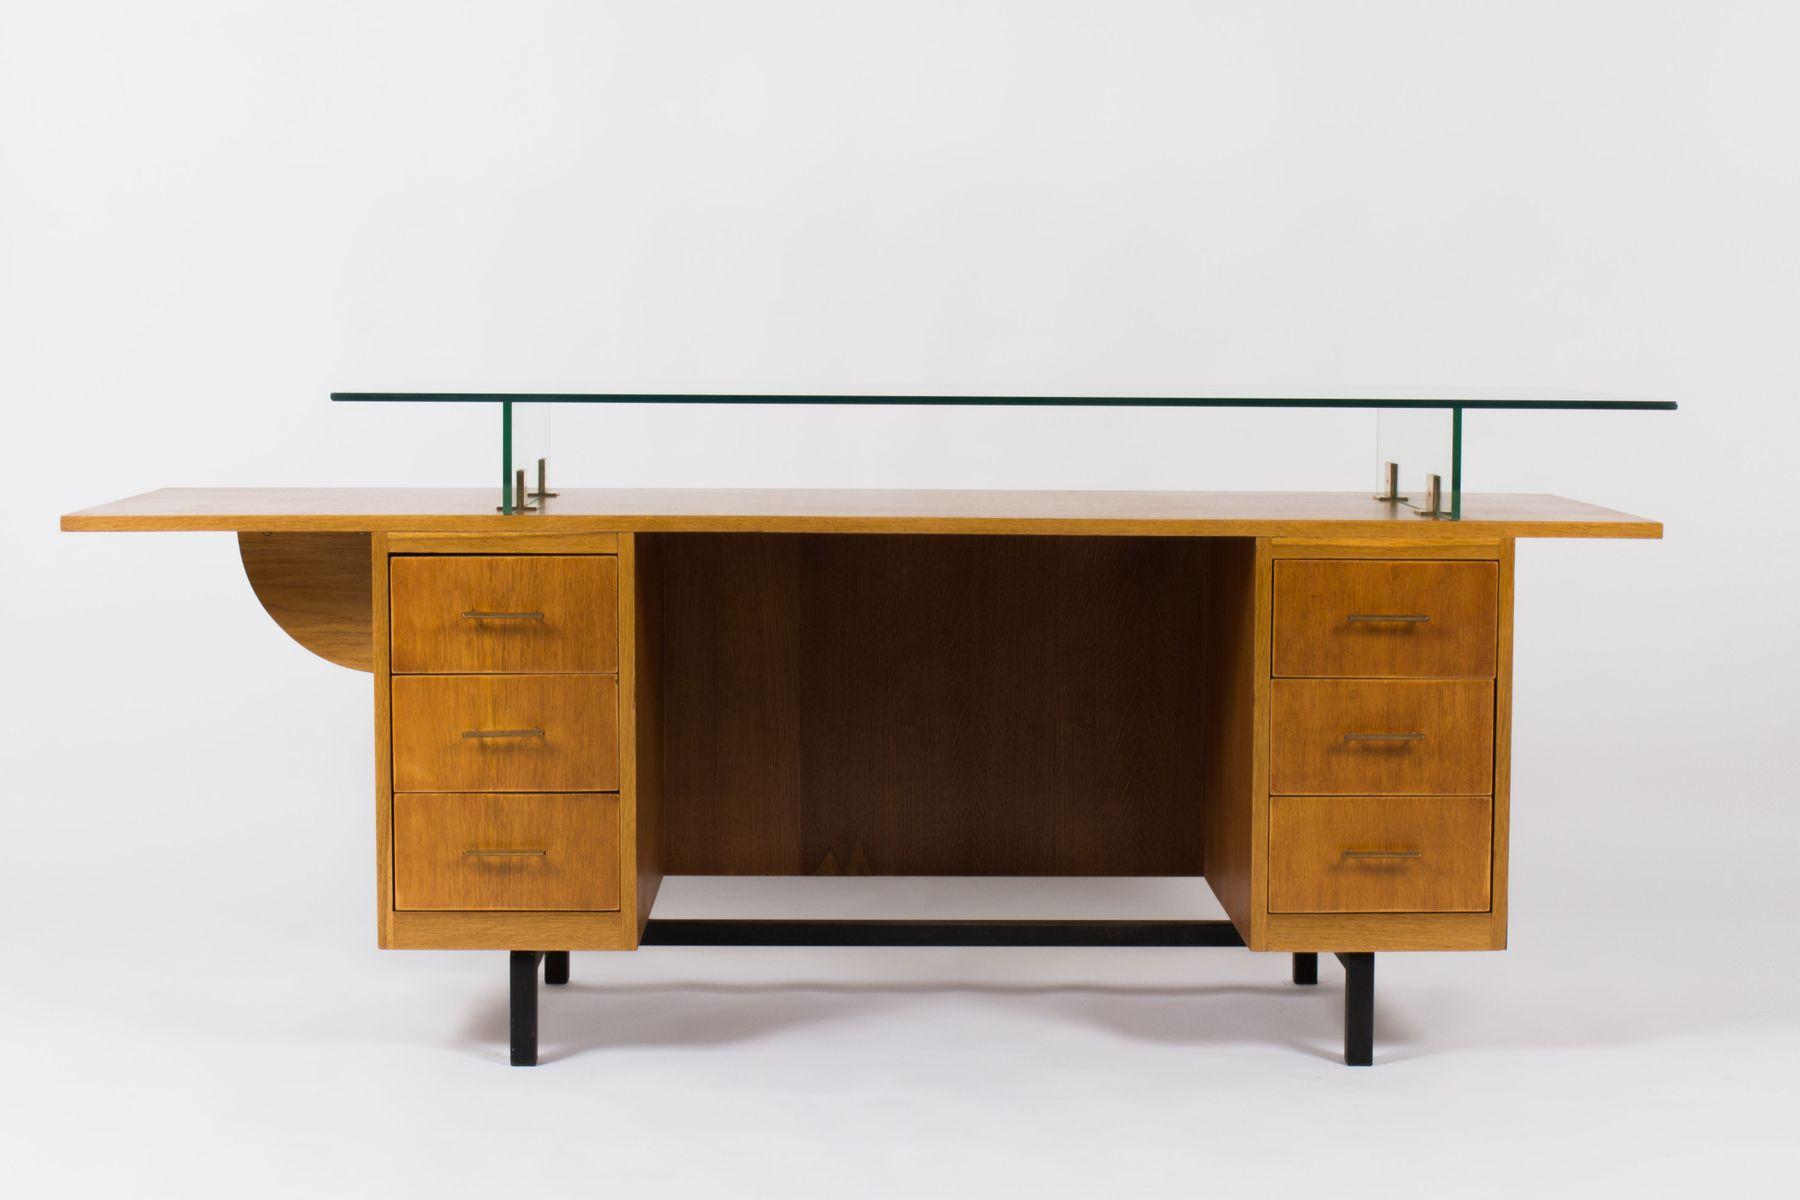 franz sischer schreibtisch aus eichenholz mit glasplatte 1950er bei pamono kaufen. Black Bedroom Furniture Sets. Home Design Ideas